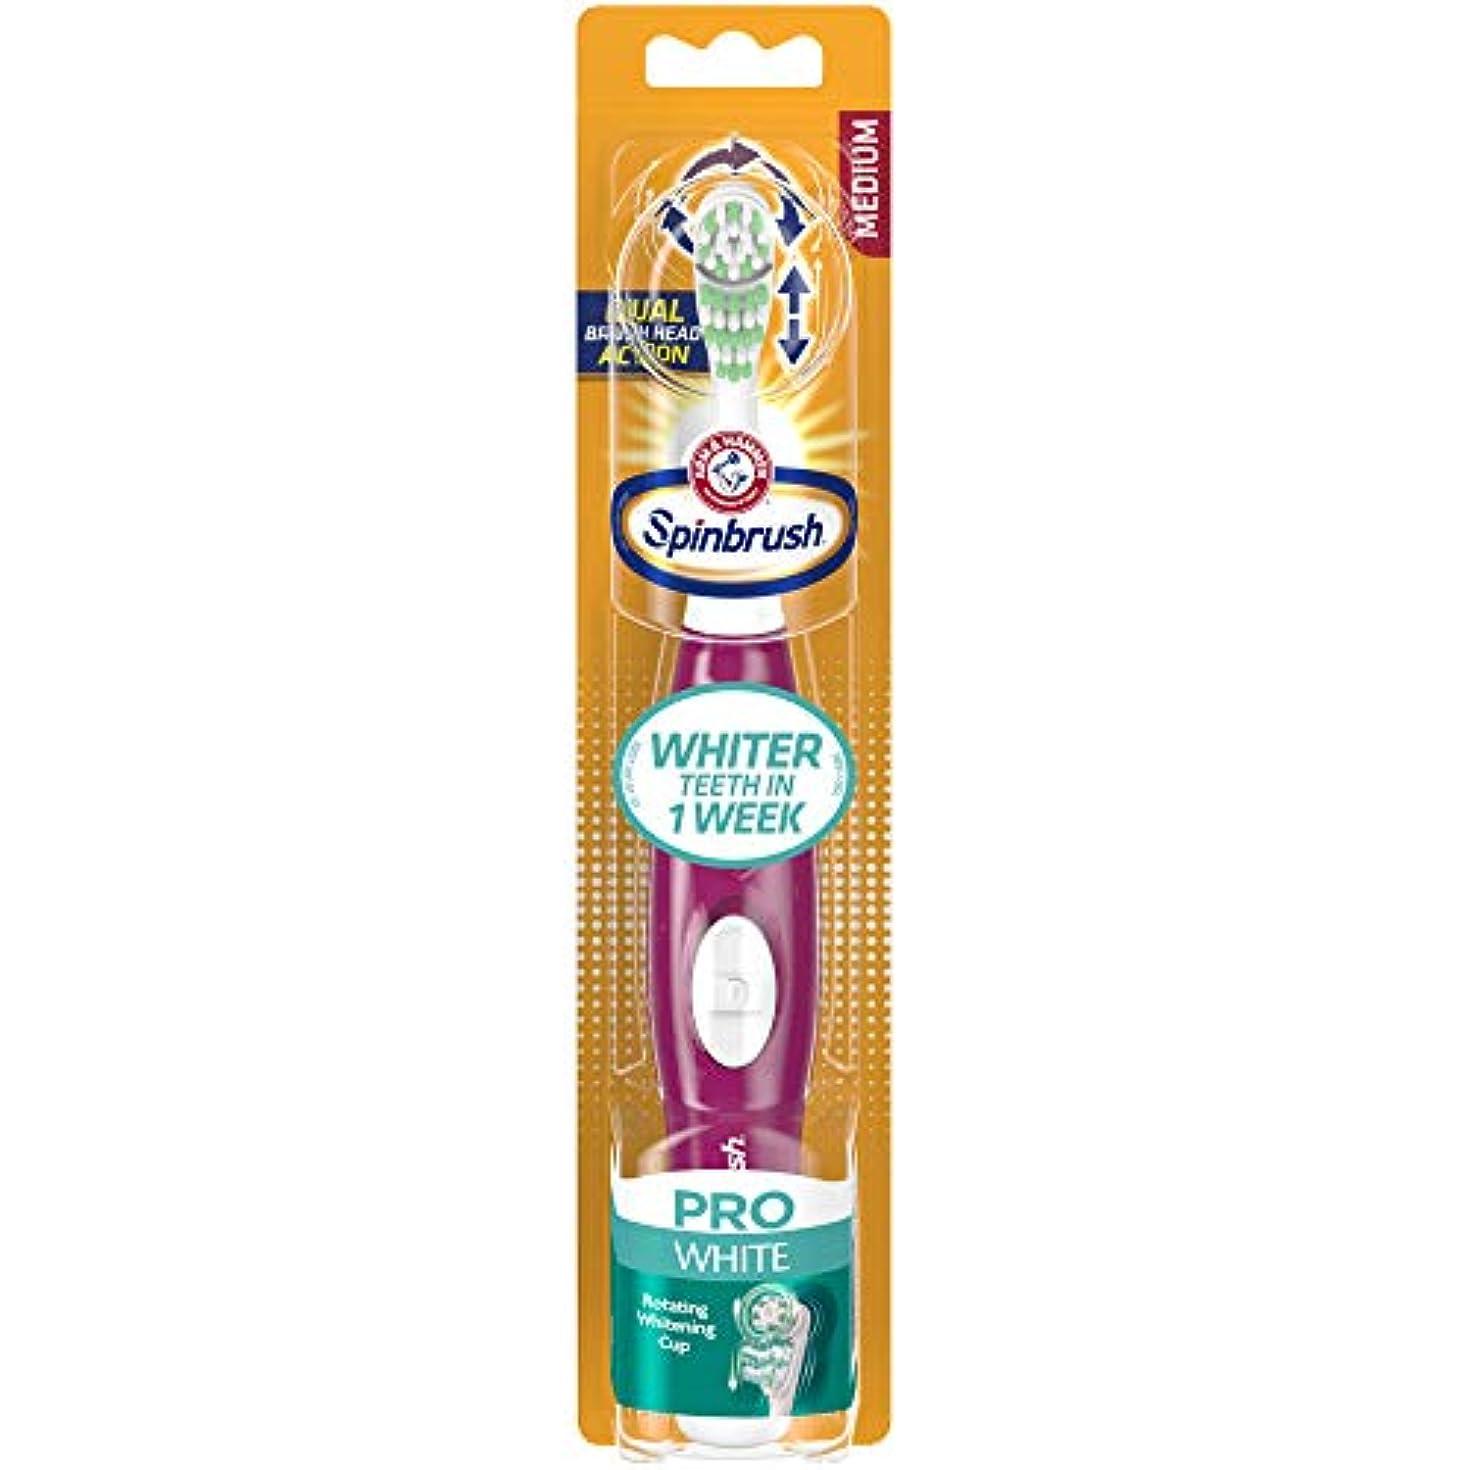 食べる不機嫌そうな貨物Spinbrush プロシリーズウルトラホワイト歯ブラシ、中1 Eaは 中